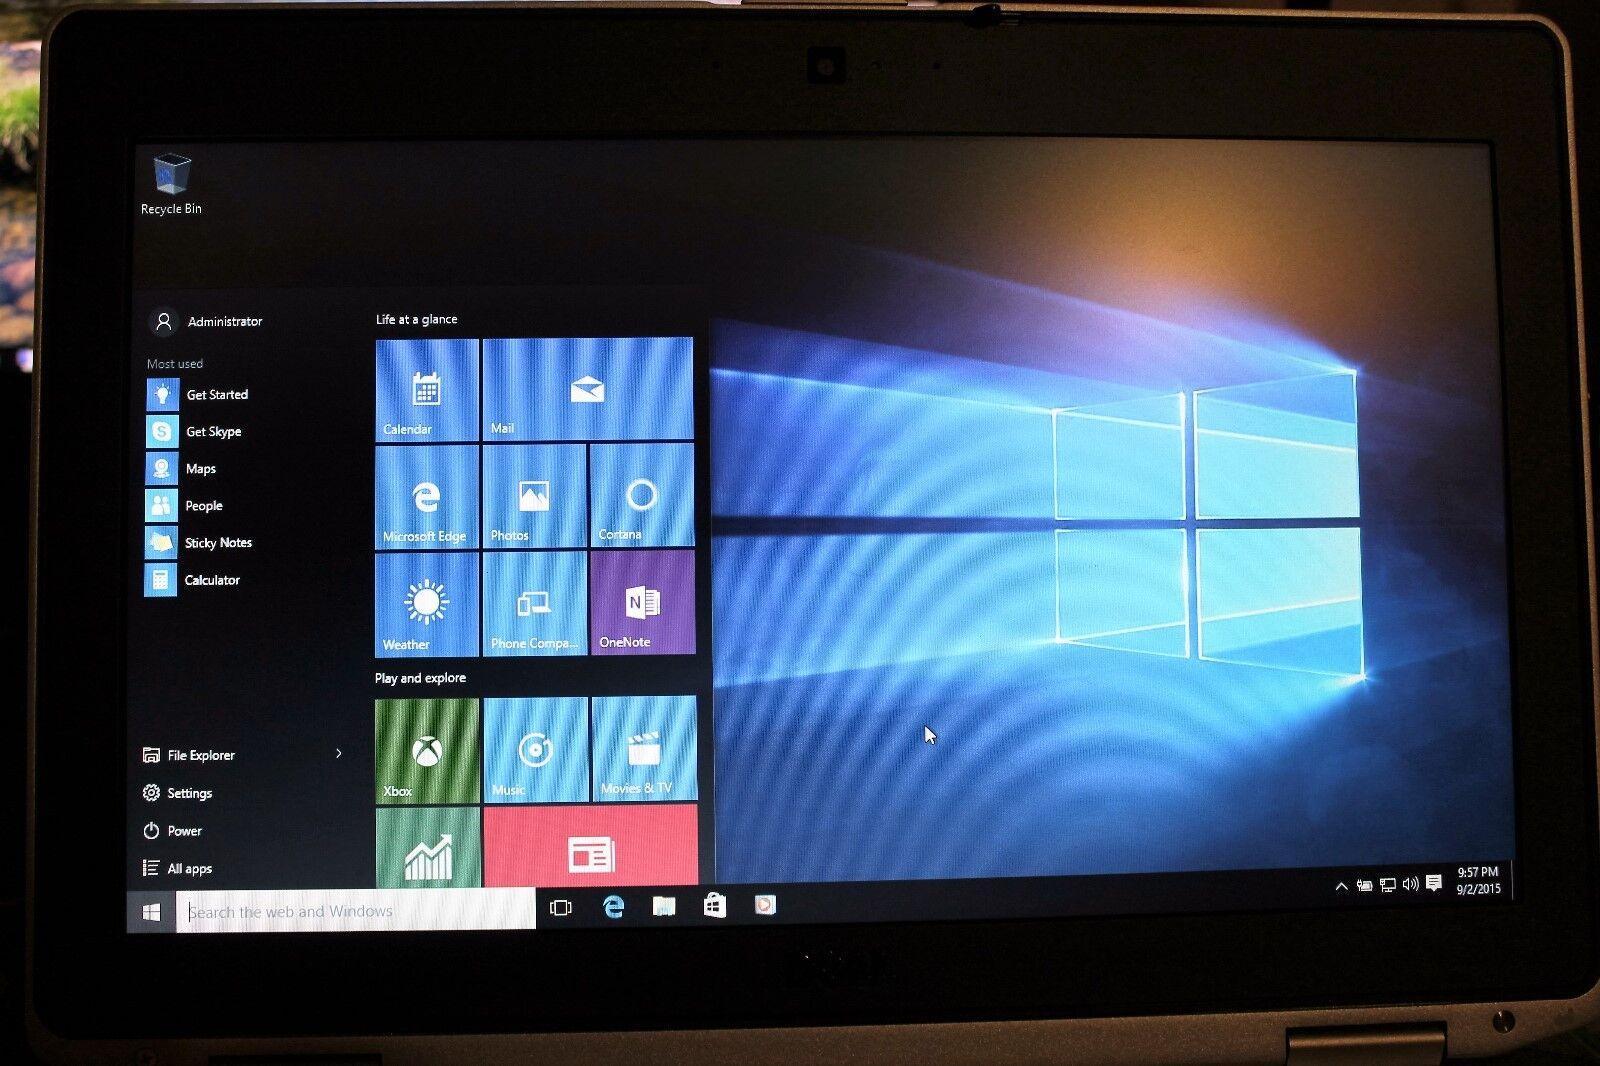 Dell Latitude E6430 i5-3340M 2.70Ghz 8GB, 240GB SSD, HDMI, Webcam, Win 10 Pro